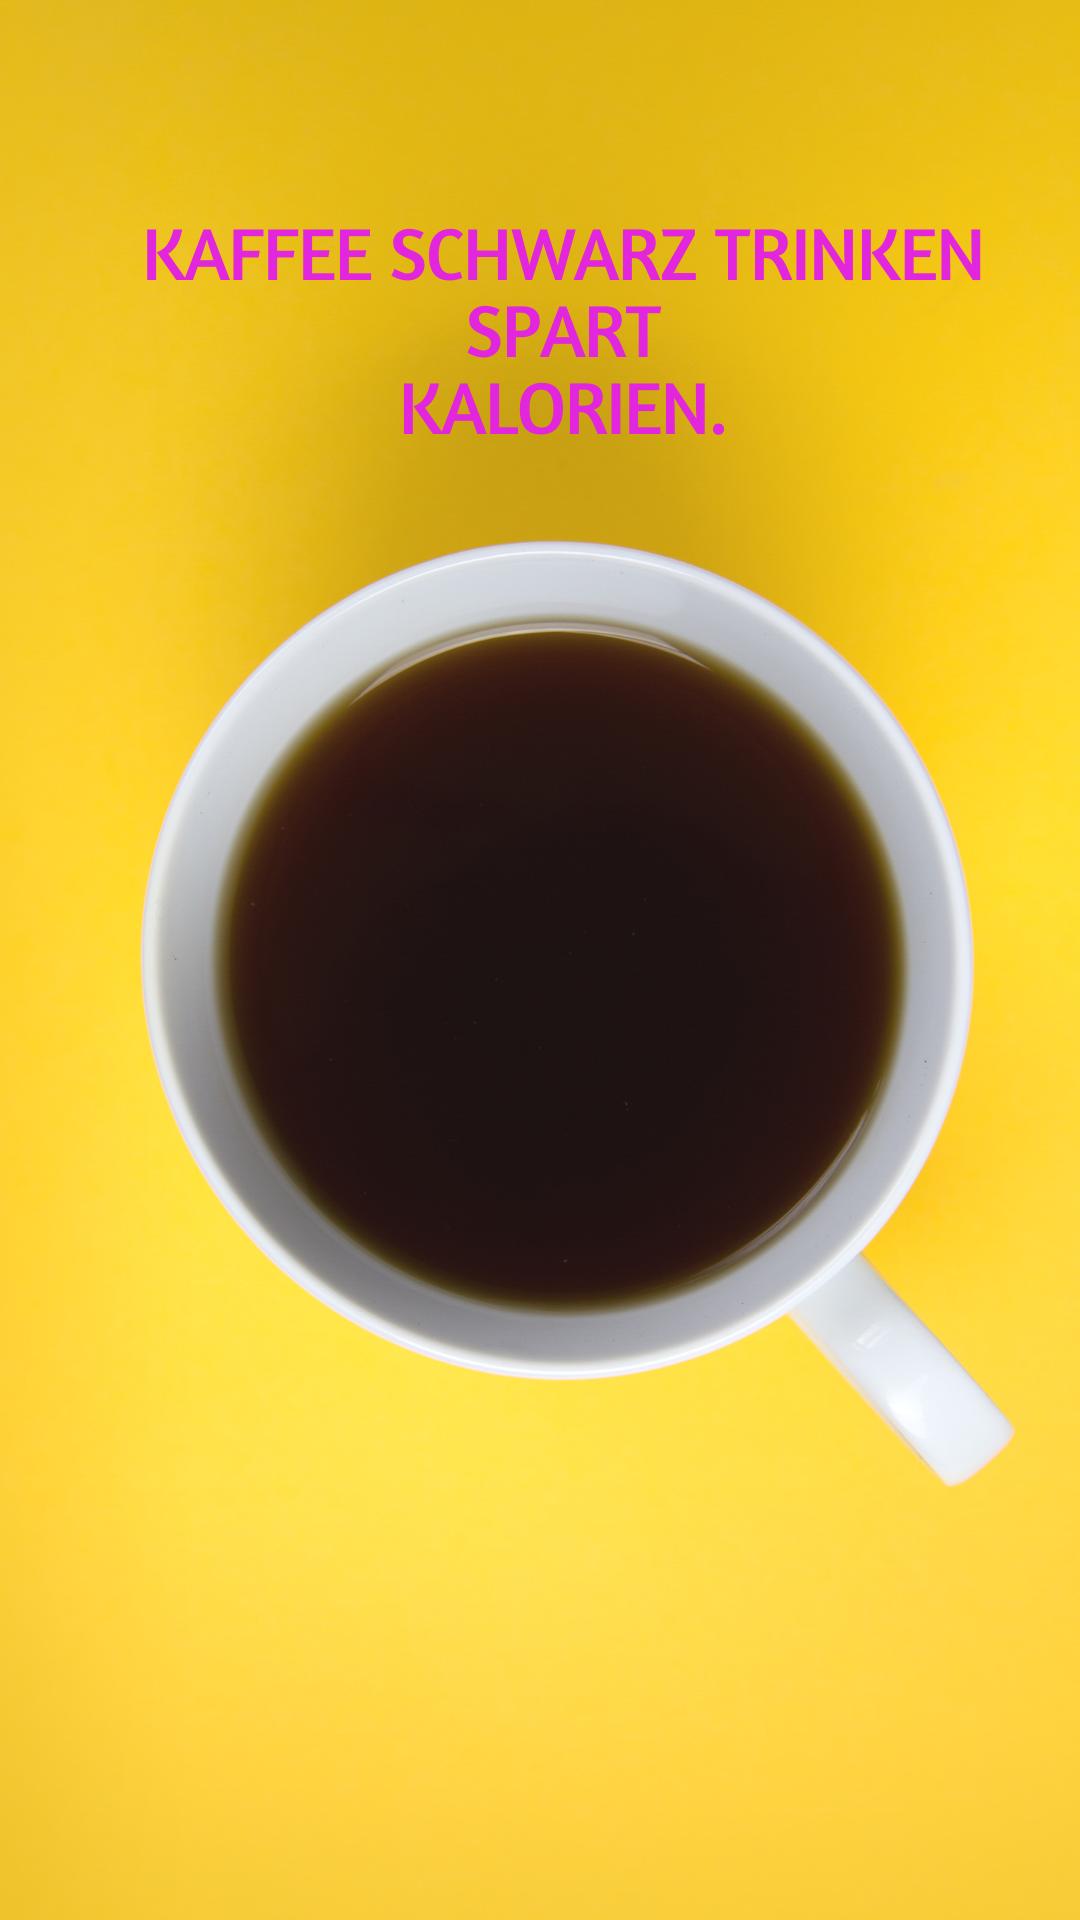 Was hilft, schwarzen Kaffee zu trinken, um Gewicht zu verlieren